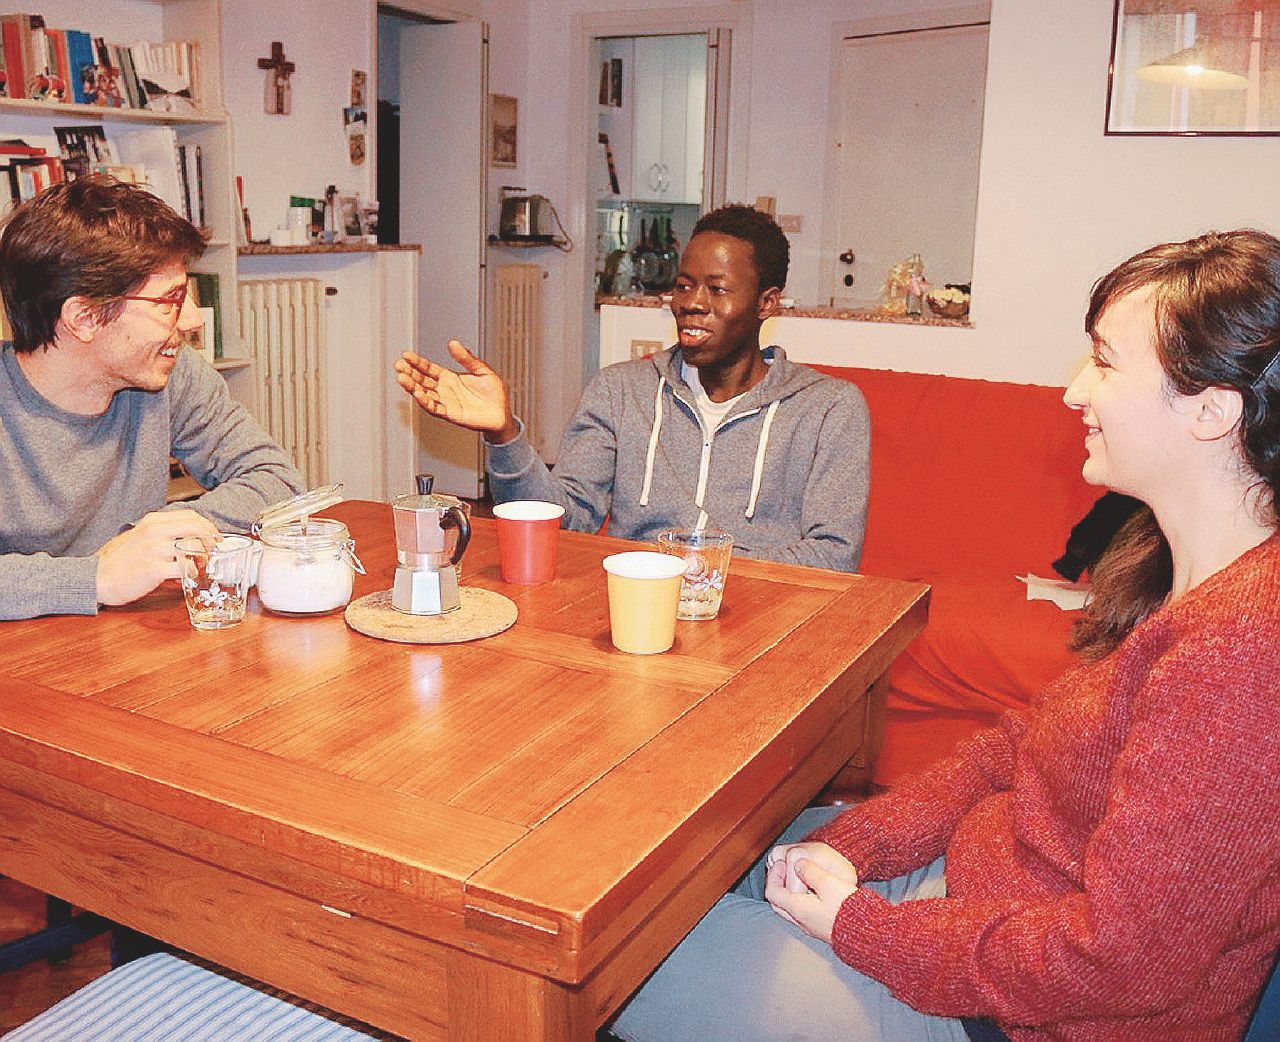 Aggiungi un posto a tavola: l'accoglienza è di famiglia